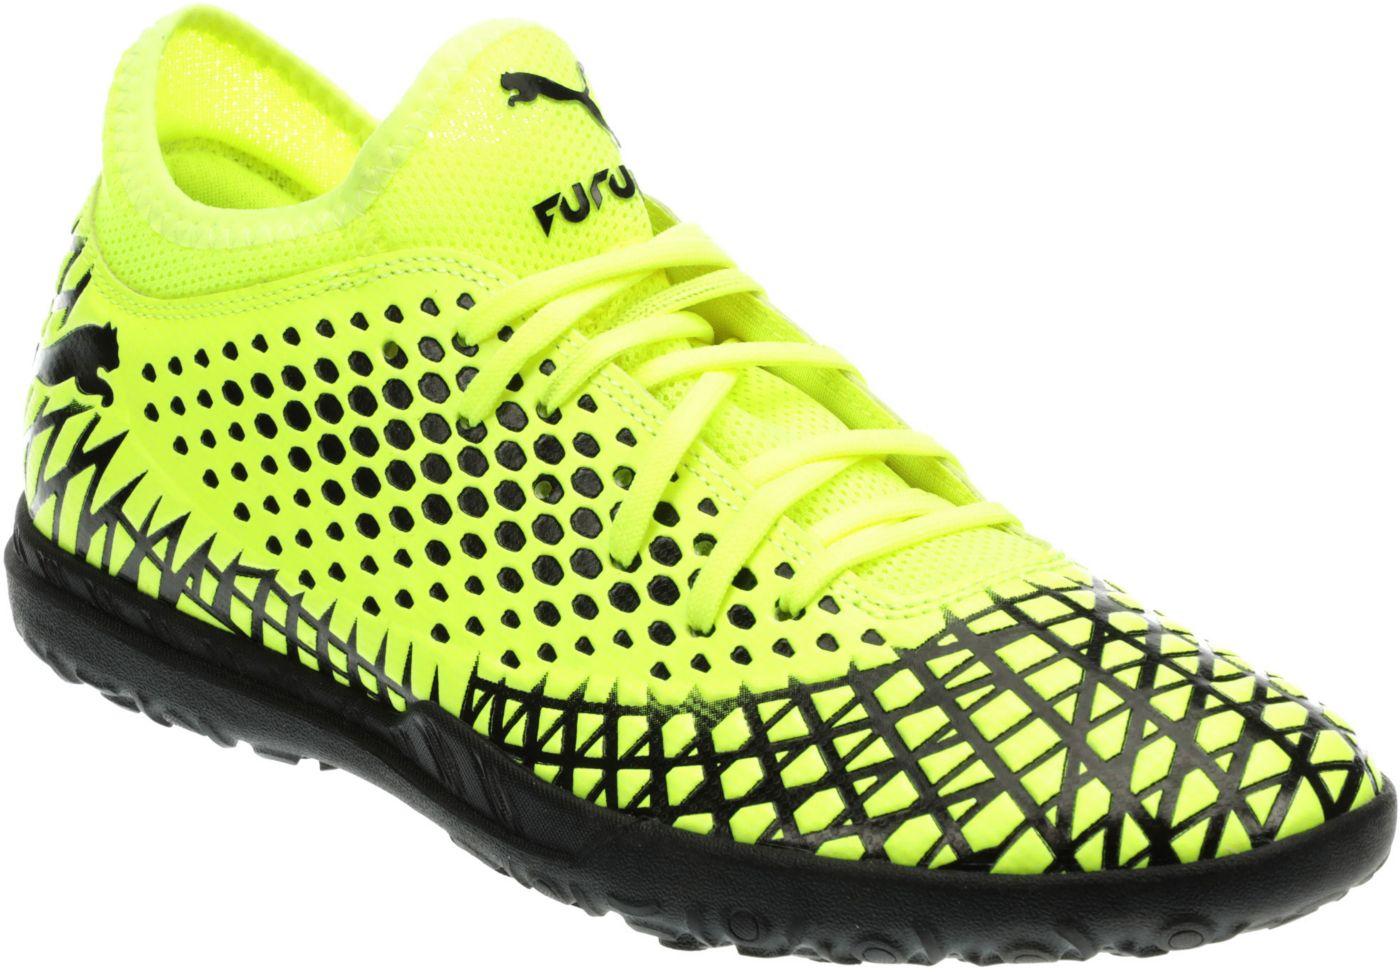 PUMA Men's Future 4.4 TT Soccer Cleats